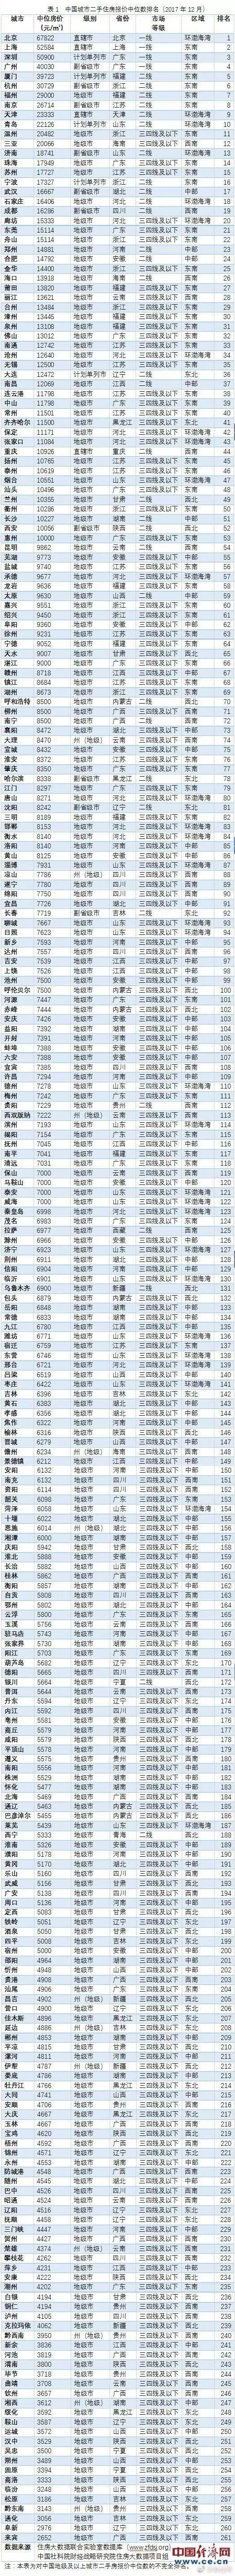 成都楼市还要涨一波?全国261城房价排名第19!